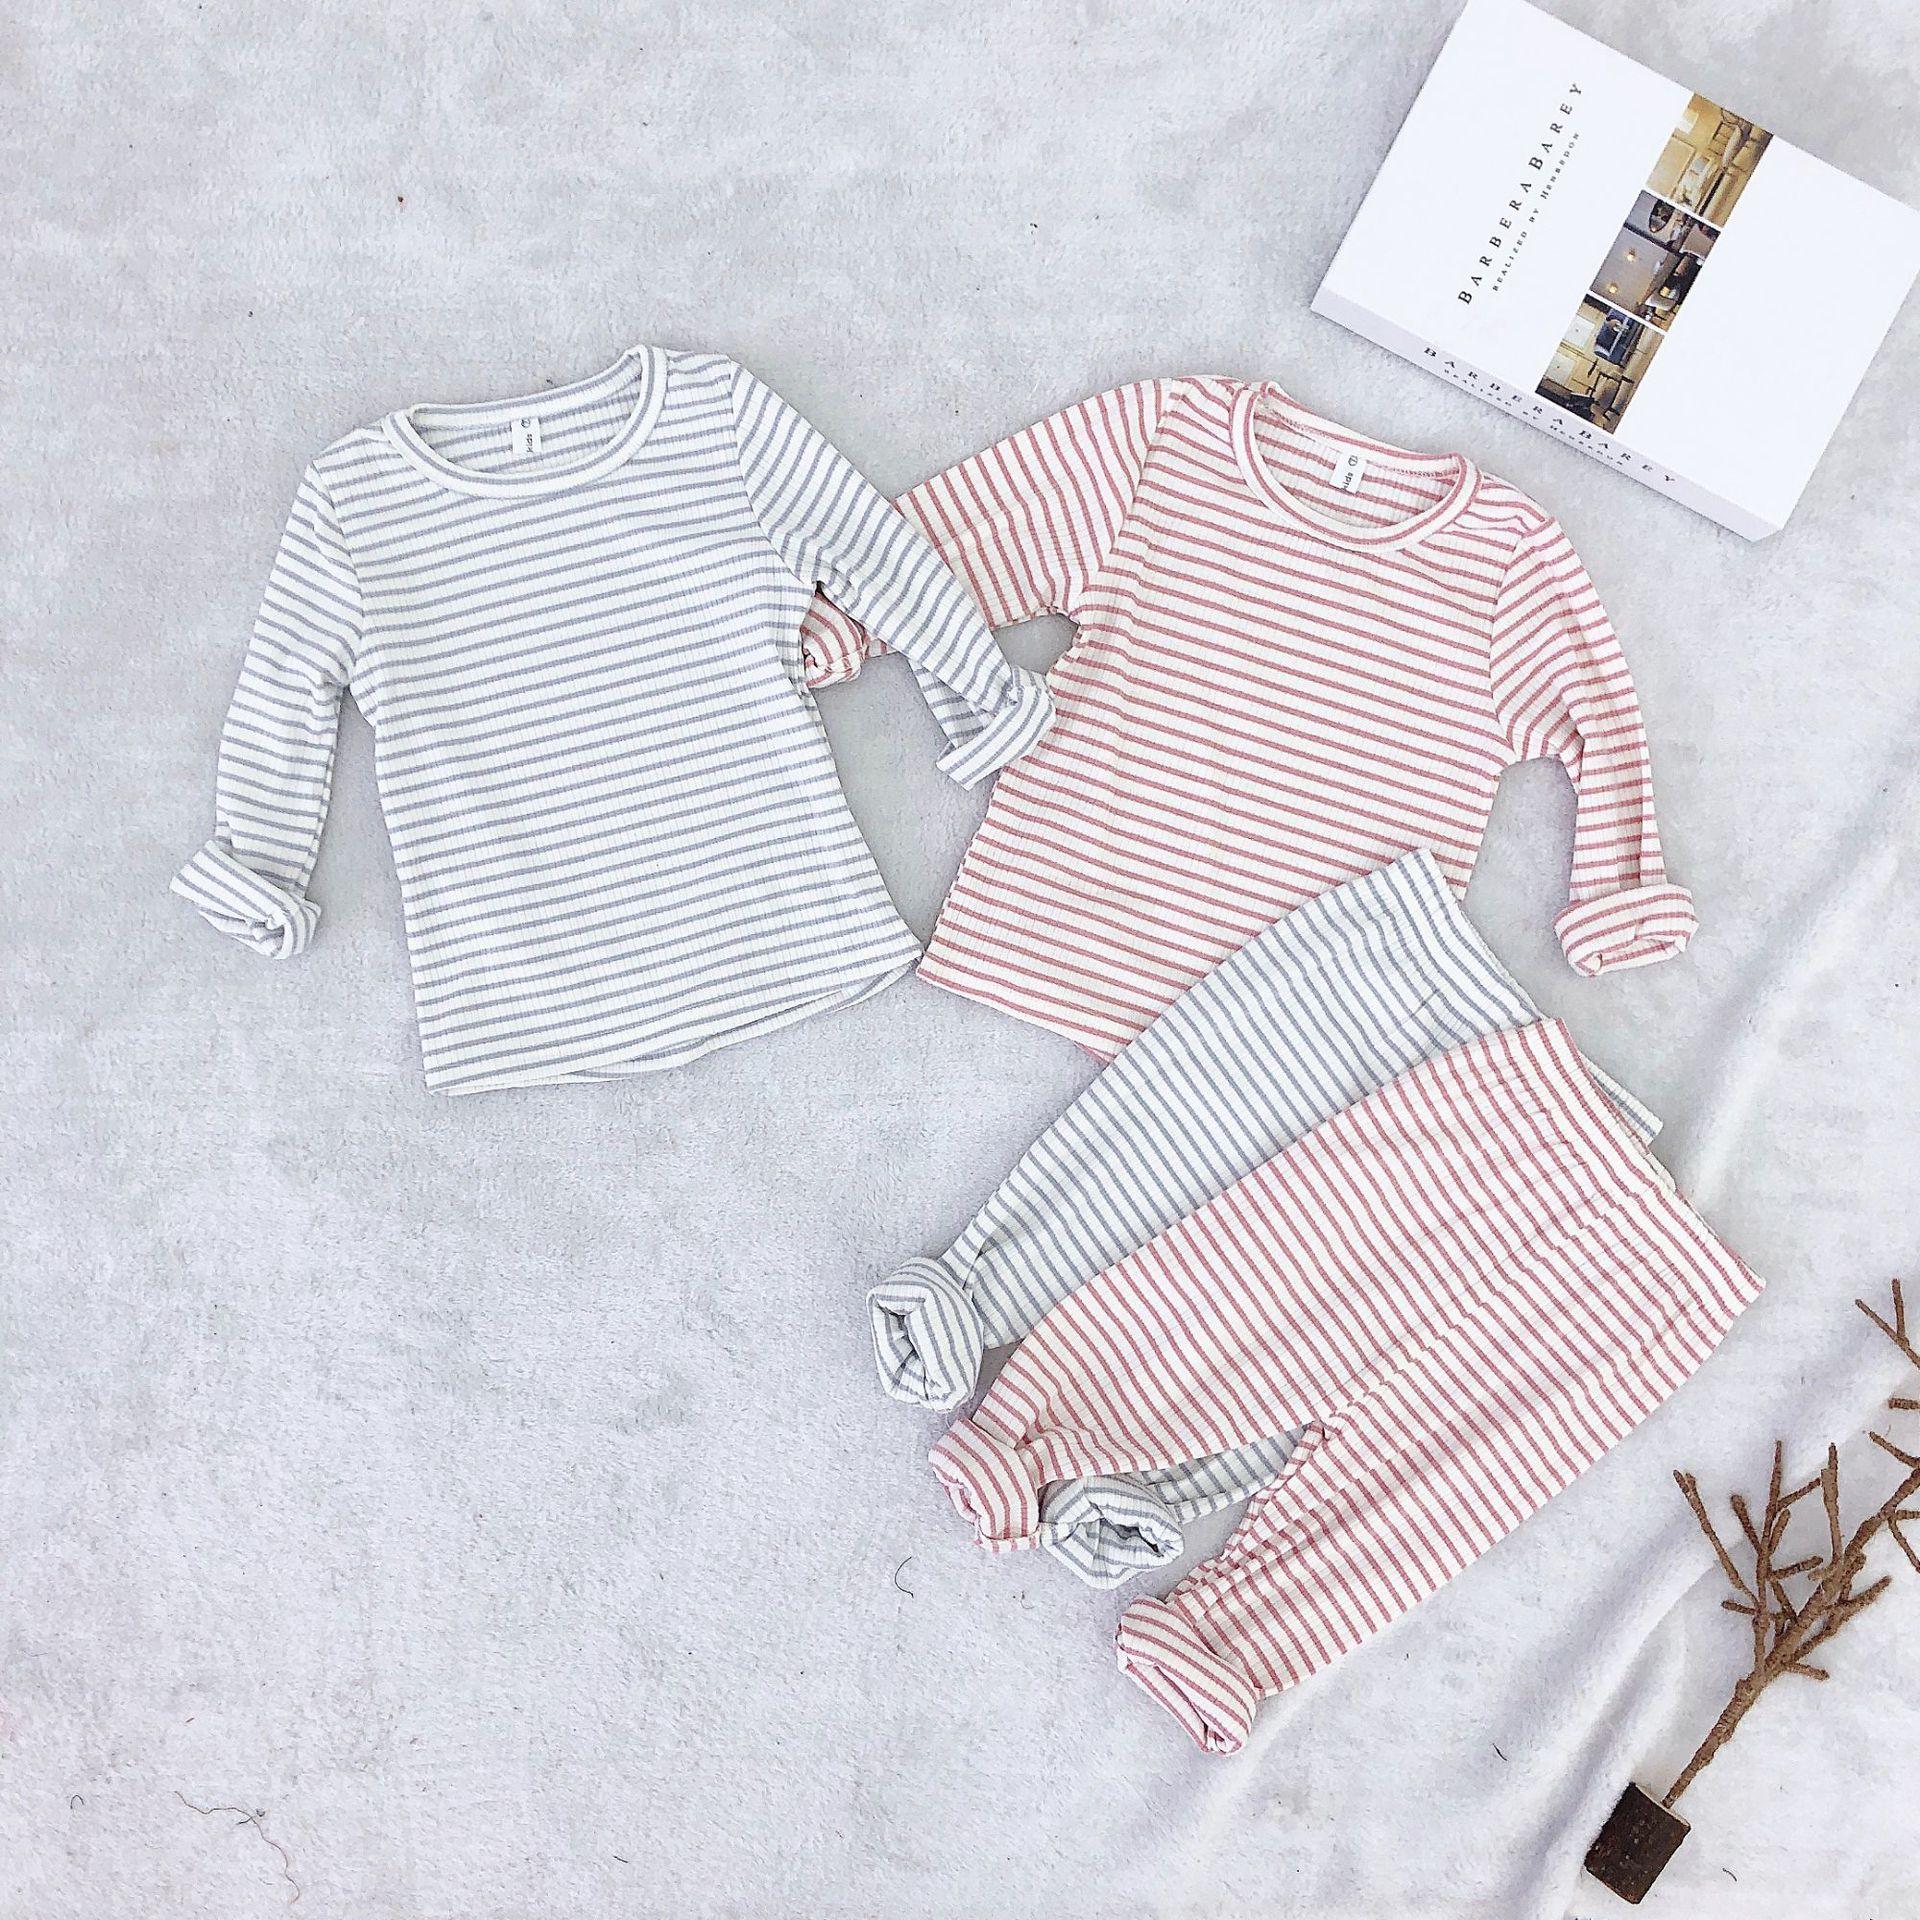 Детский пижамный комплект, полосатая одежда для сна, детские пижамы для девочек и мальчиков, одежда для сна, домашняя одежда, пижамы, enfant, комплект детской одежды, новинка 2019 года